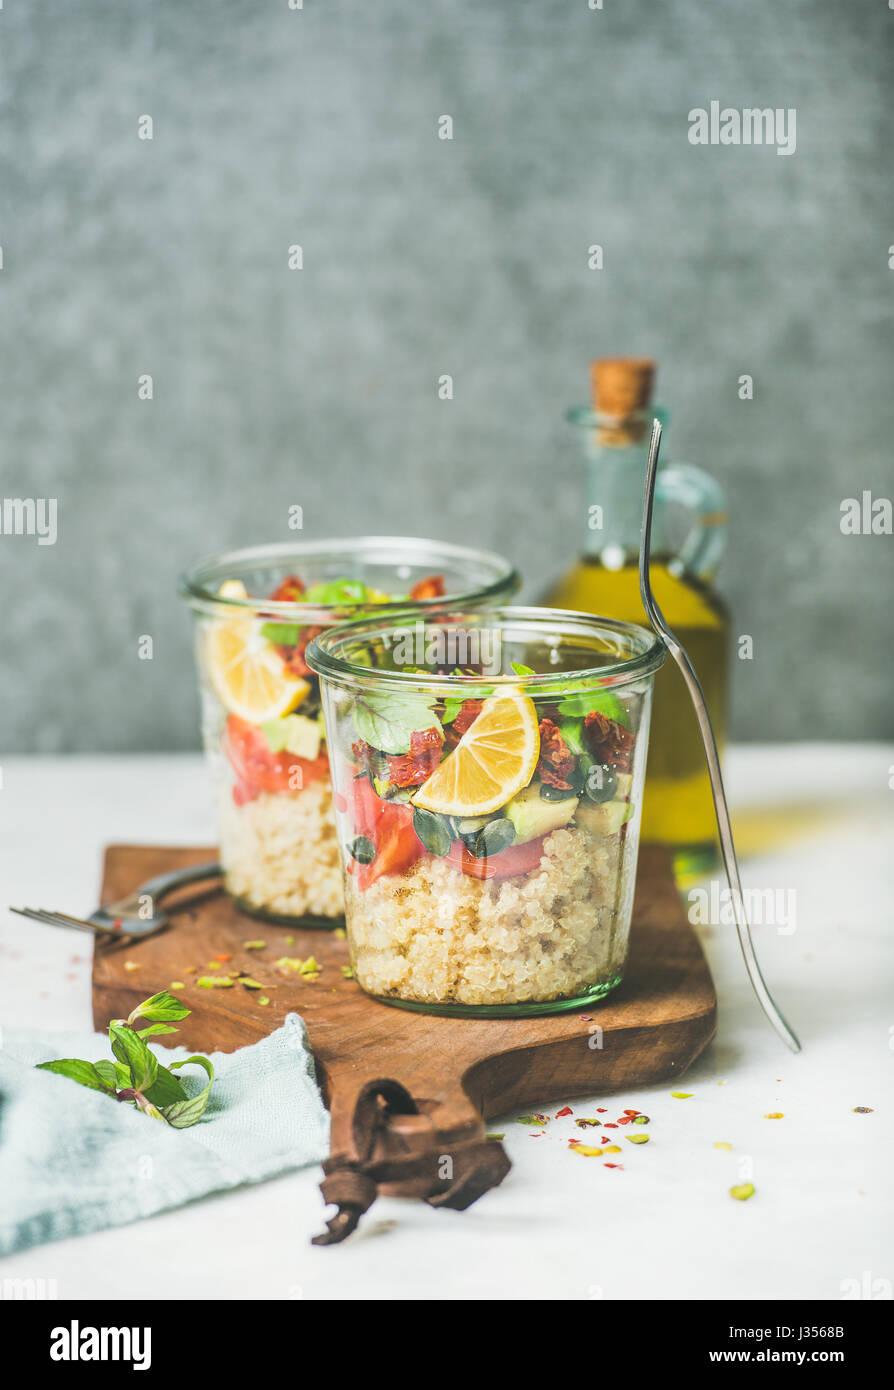 Insalata con quionoa, avocado, pomodori secchi, spazio di copia Immagini Stock